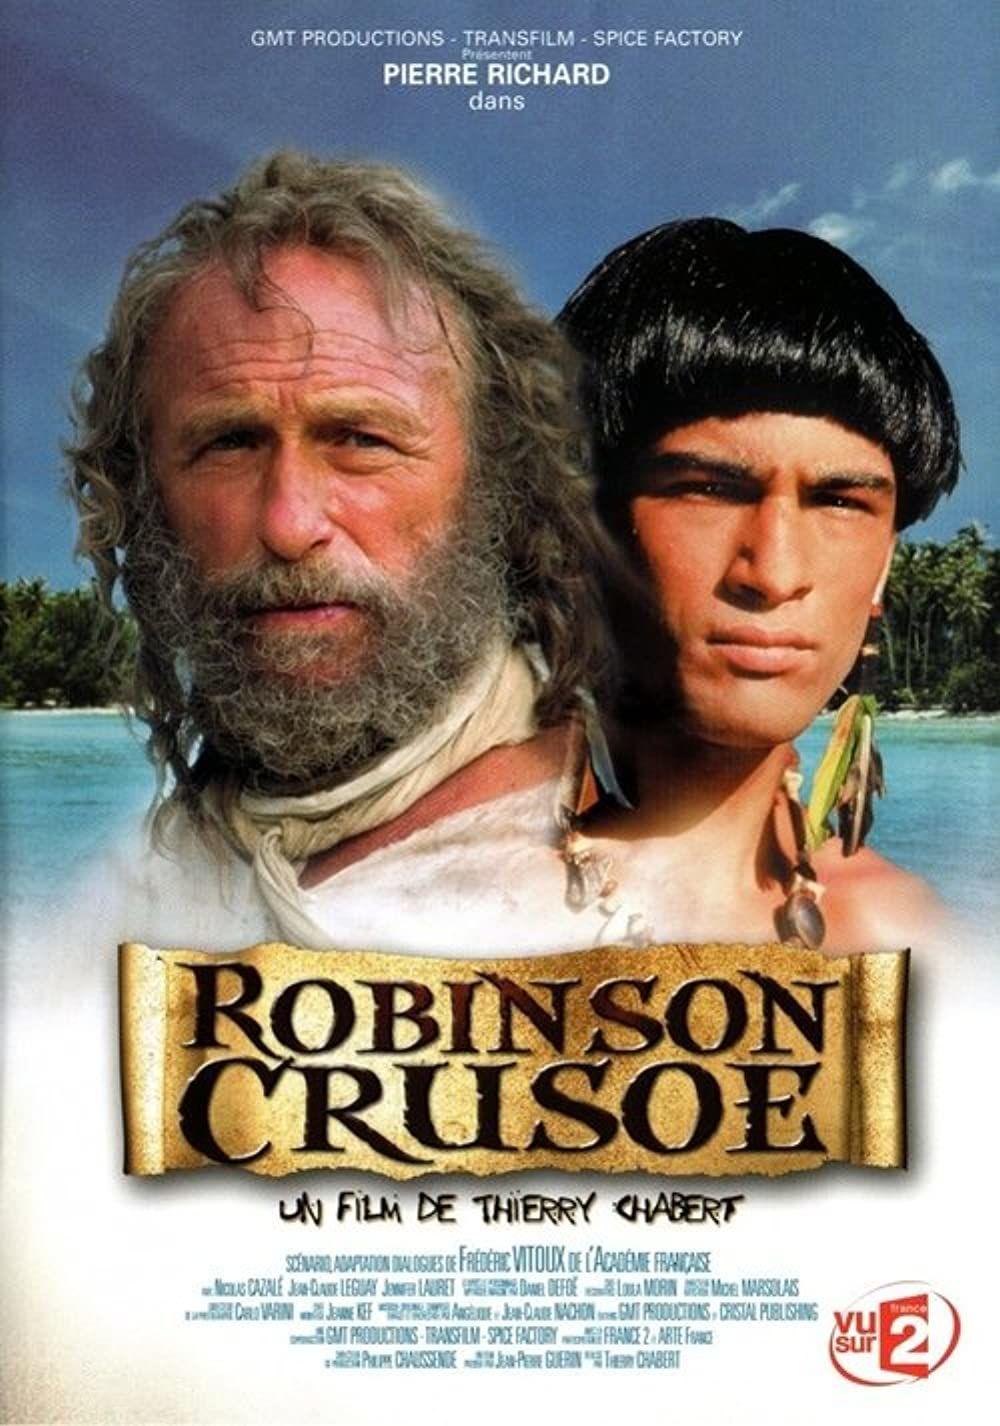 Robinson Crusoë ne zaman